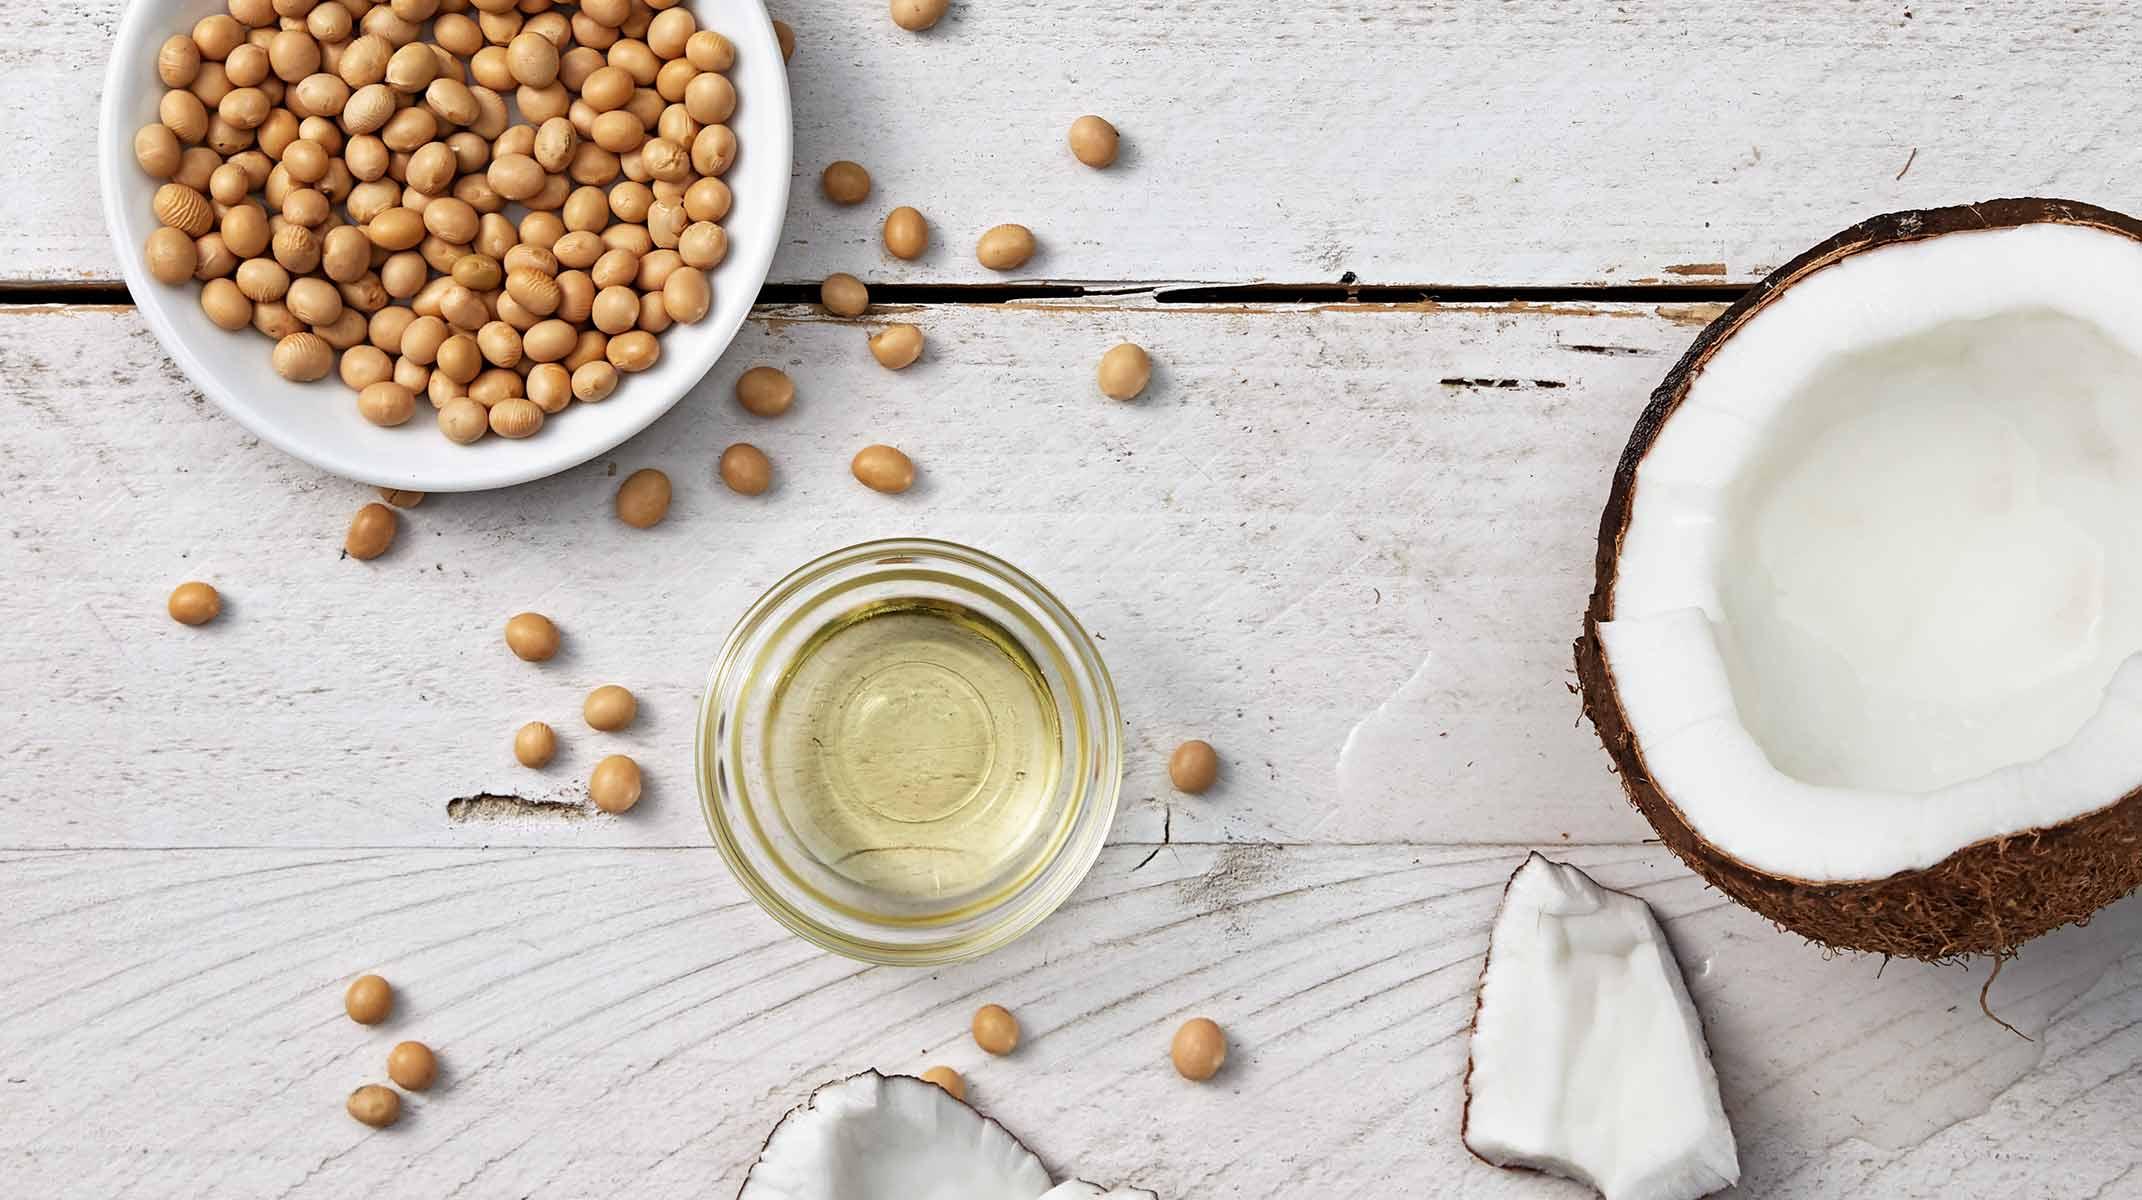 Metade de um coco na mesa, juntamente de óleo e soja num recipiente